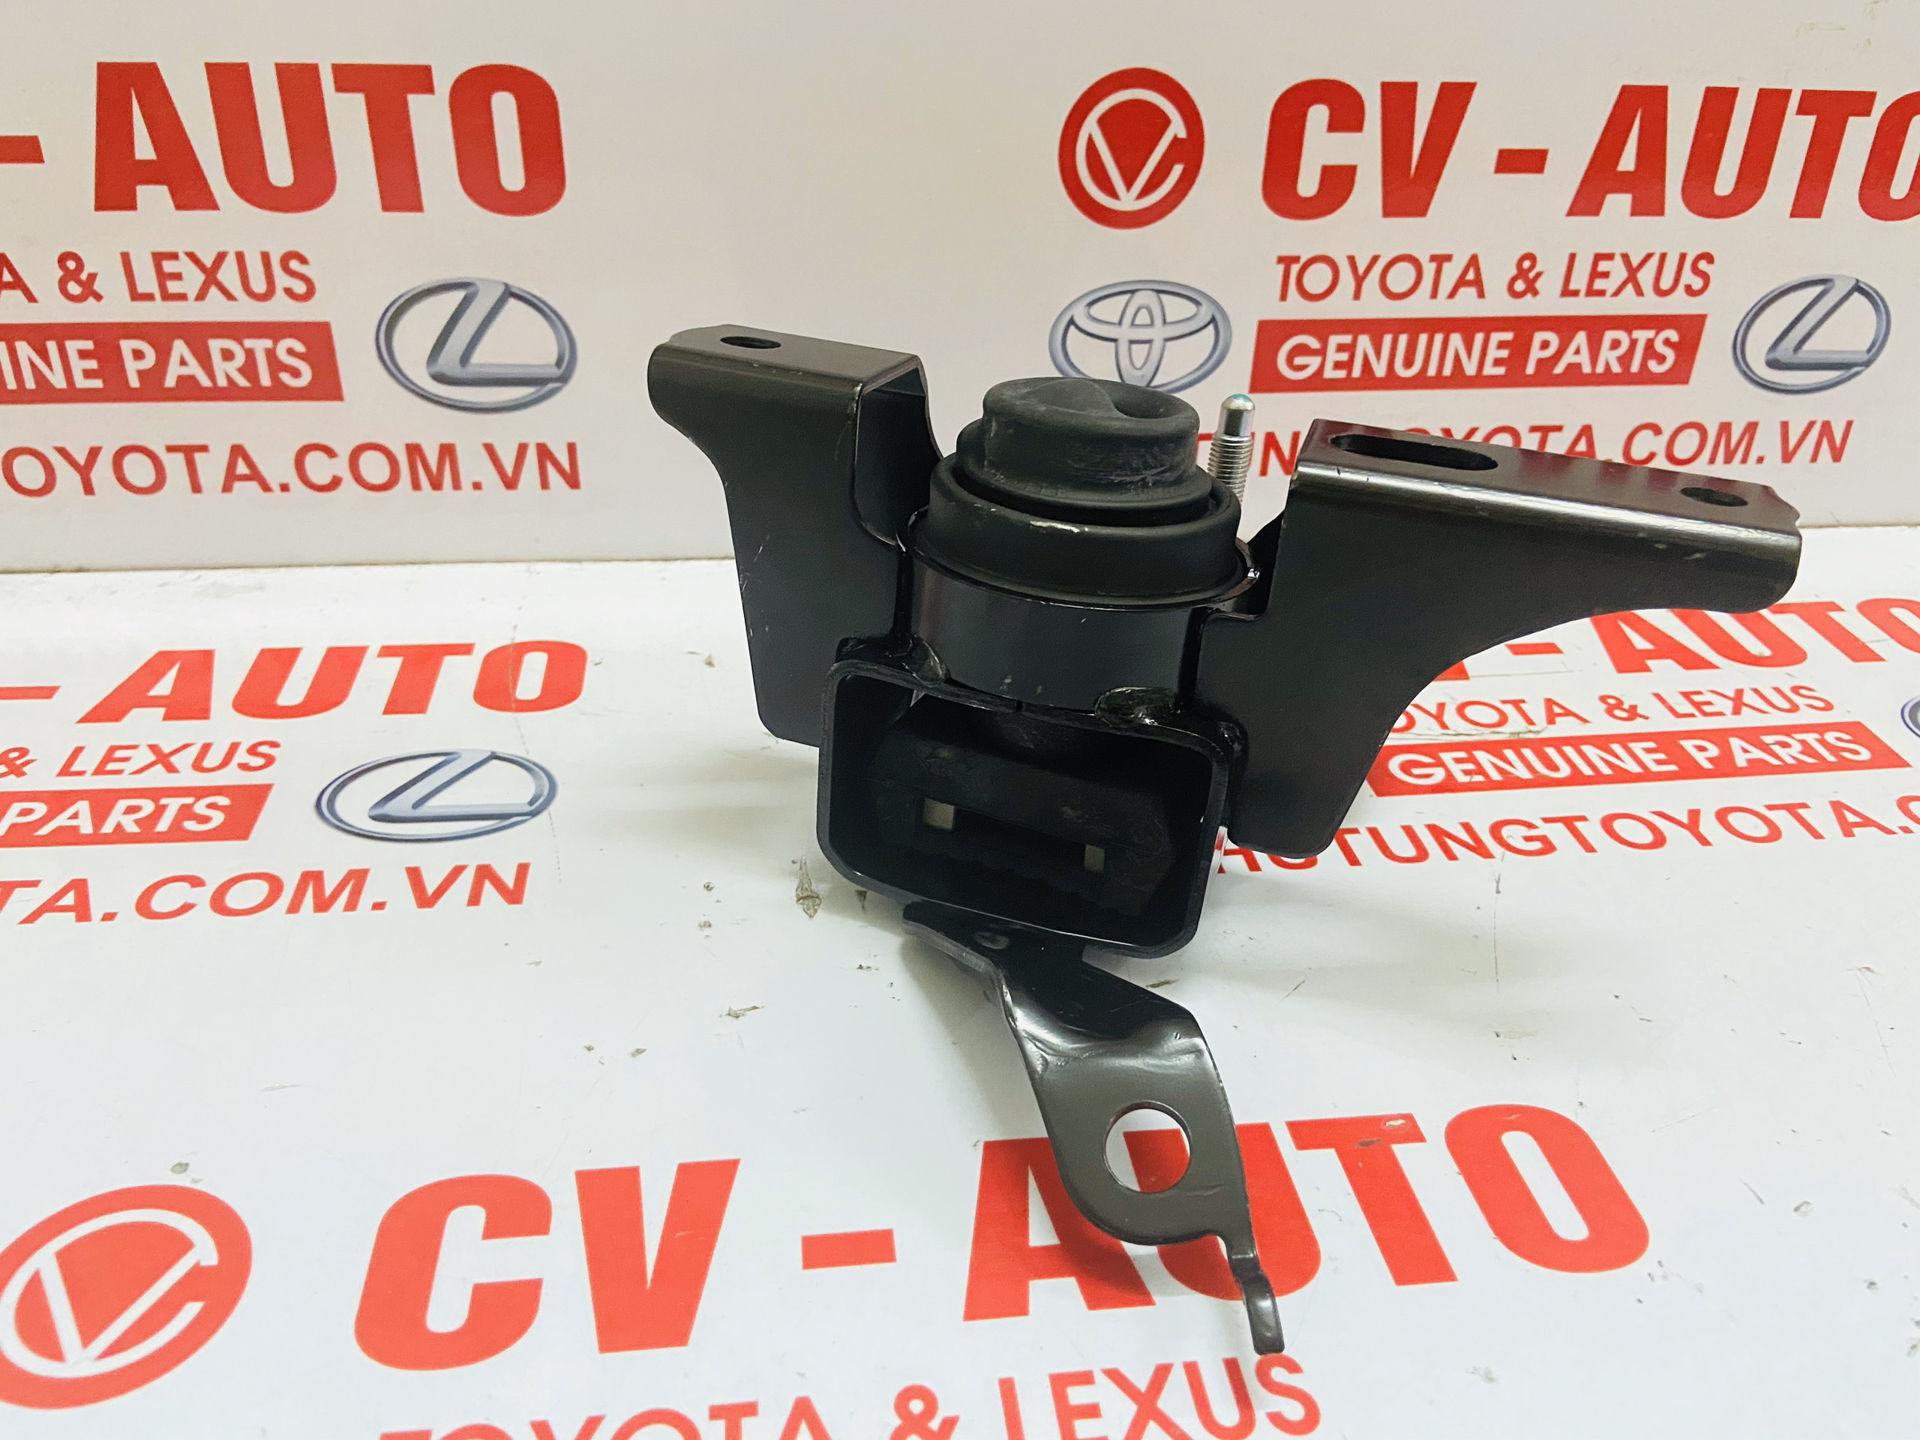 Picture of 12305-0Y110 Chân máy, chân đầu cam Toyota Vios 2016-2019 số sàn chính hãng